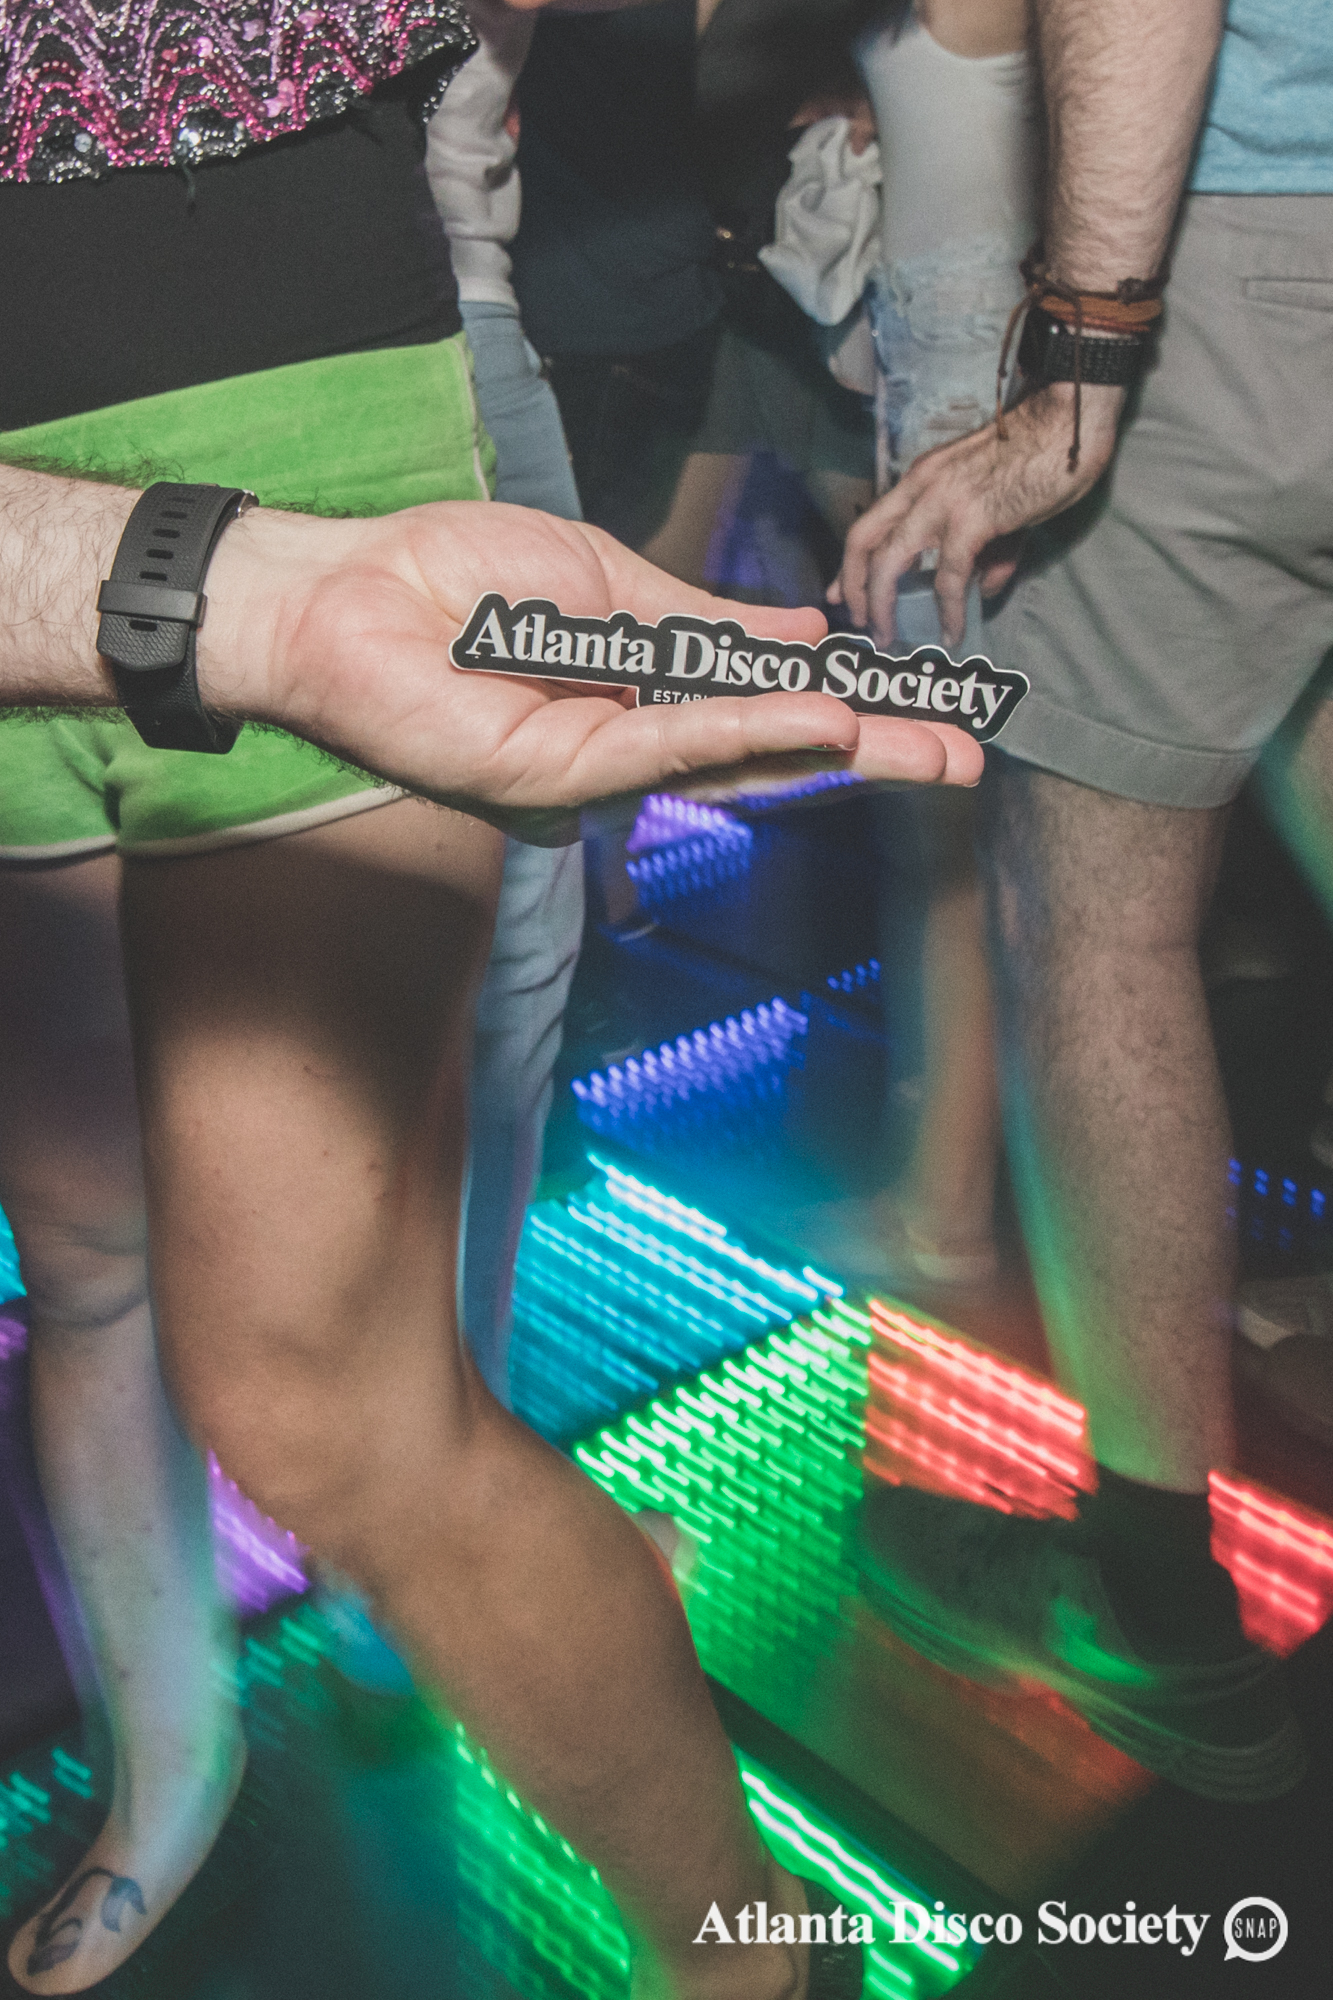 164Atlanta Disco Society Grace Kelly Oh Snap Kid 7.27.19.jpg